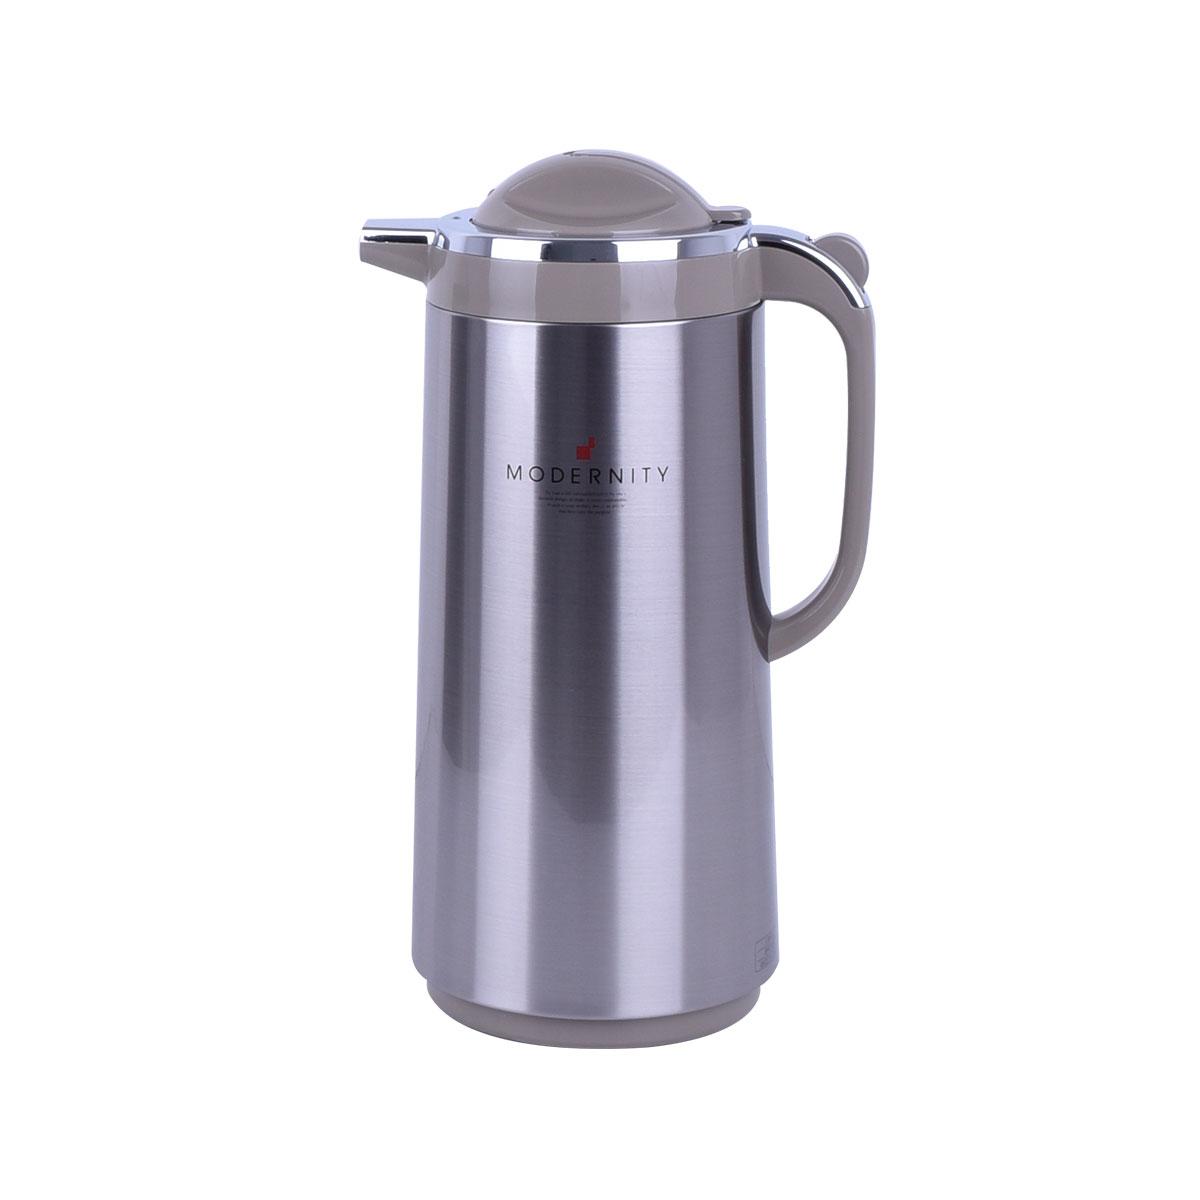 ترمس شاي وقهوه تايجر اليابانية - استانلس استيل -1.88 لتر - PRT-S190